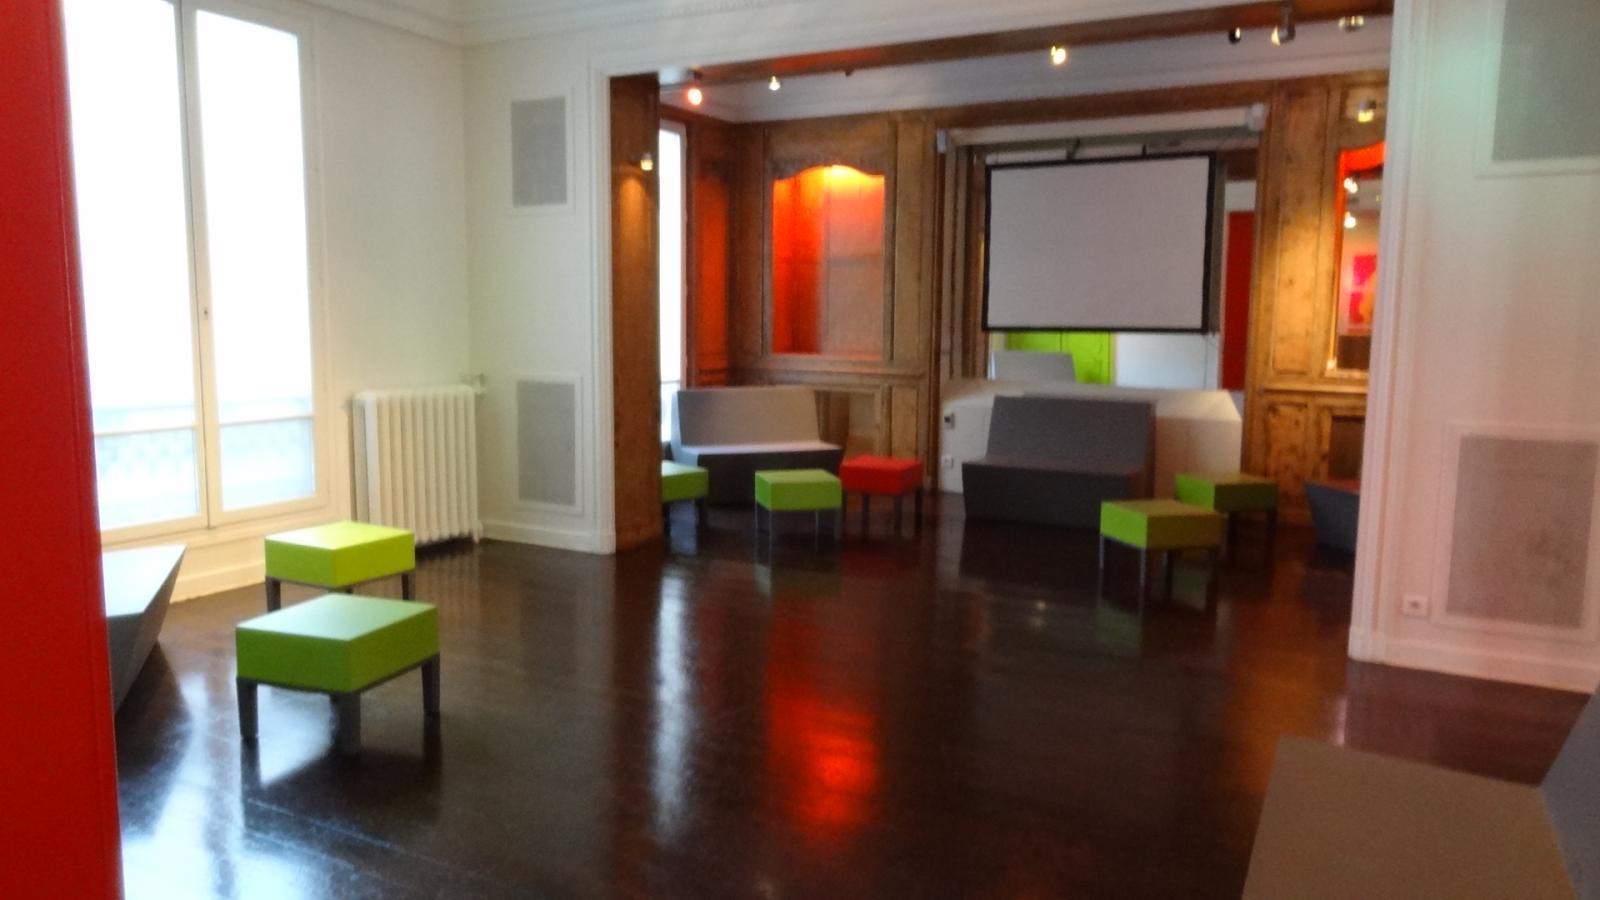 Location appartement Paris : la localisation idéale